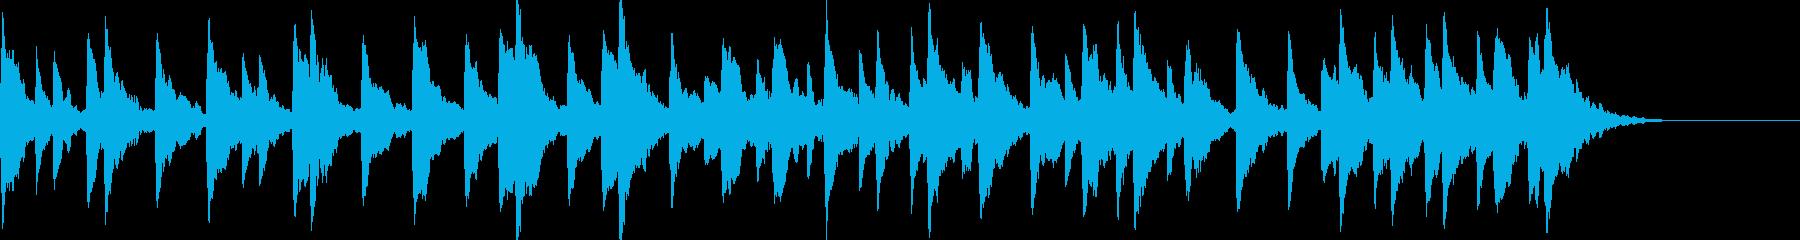 童謡「雪やこんこん」オルゴールbpm66の再生済みの波形